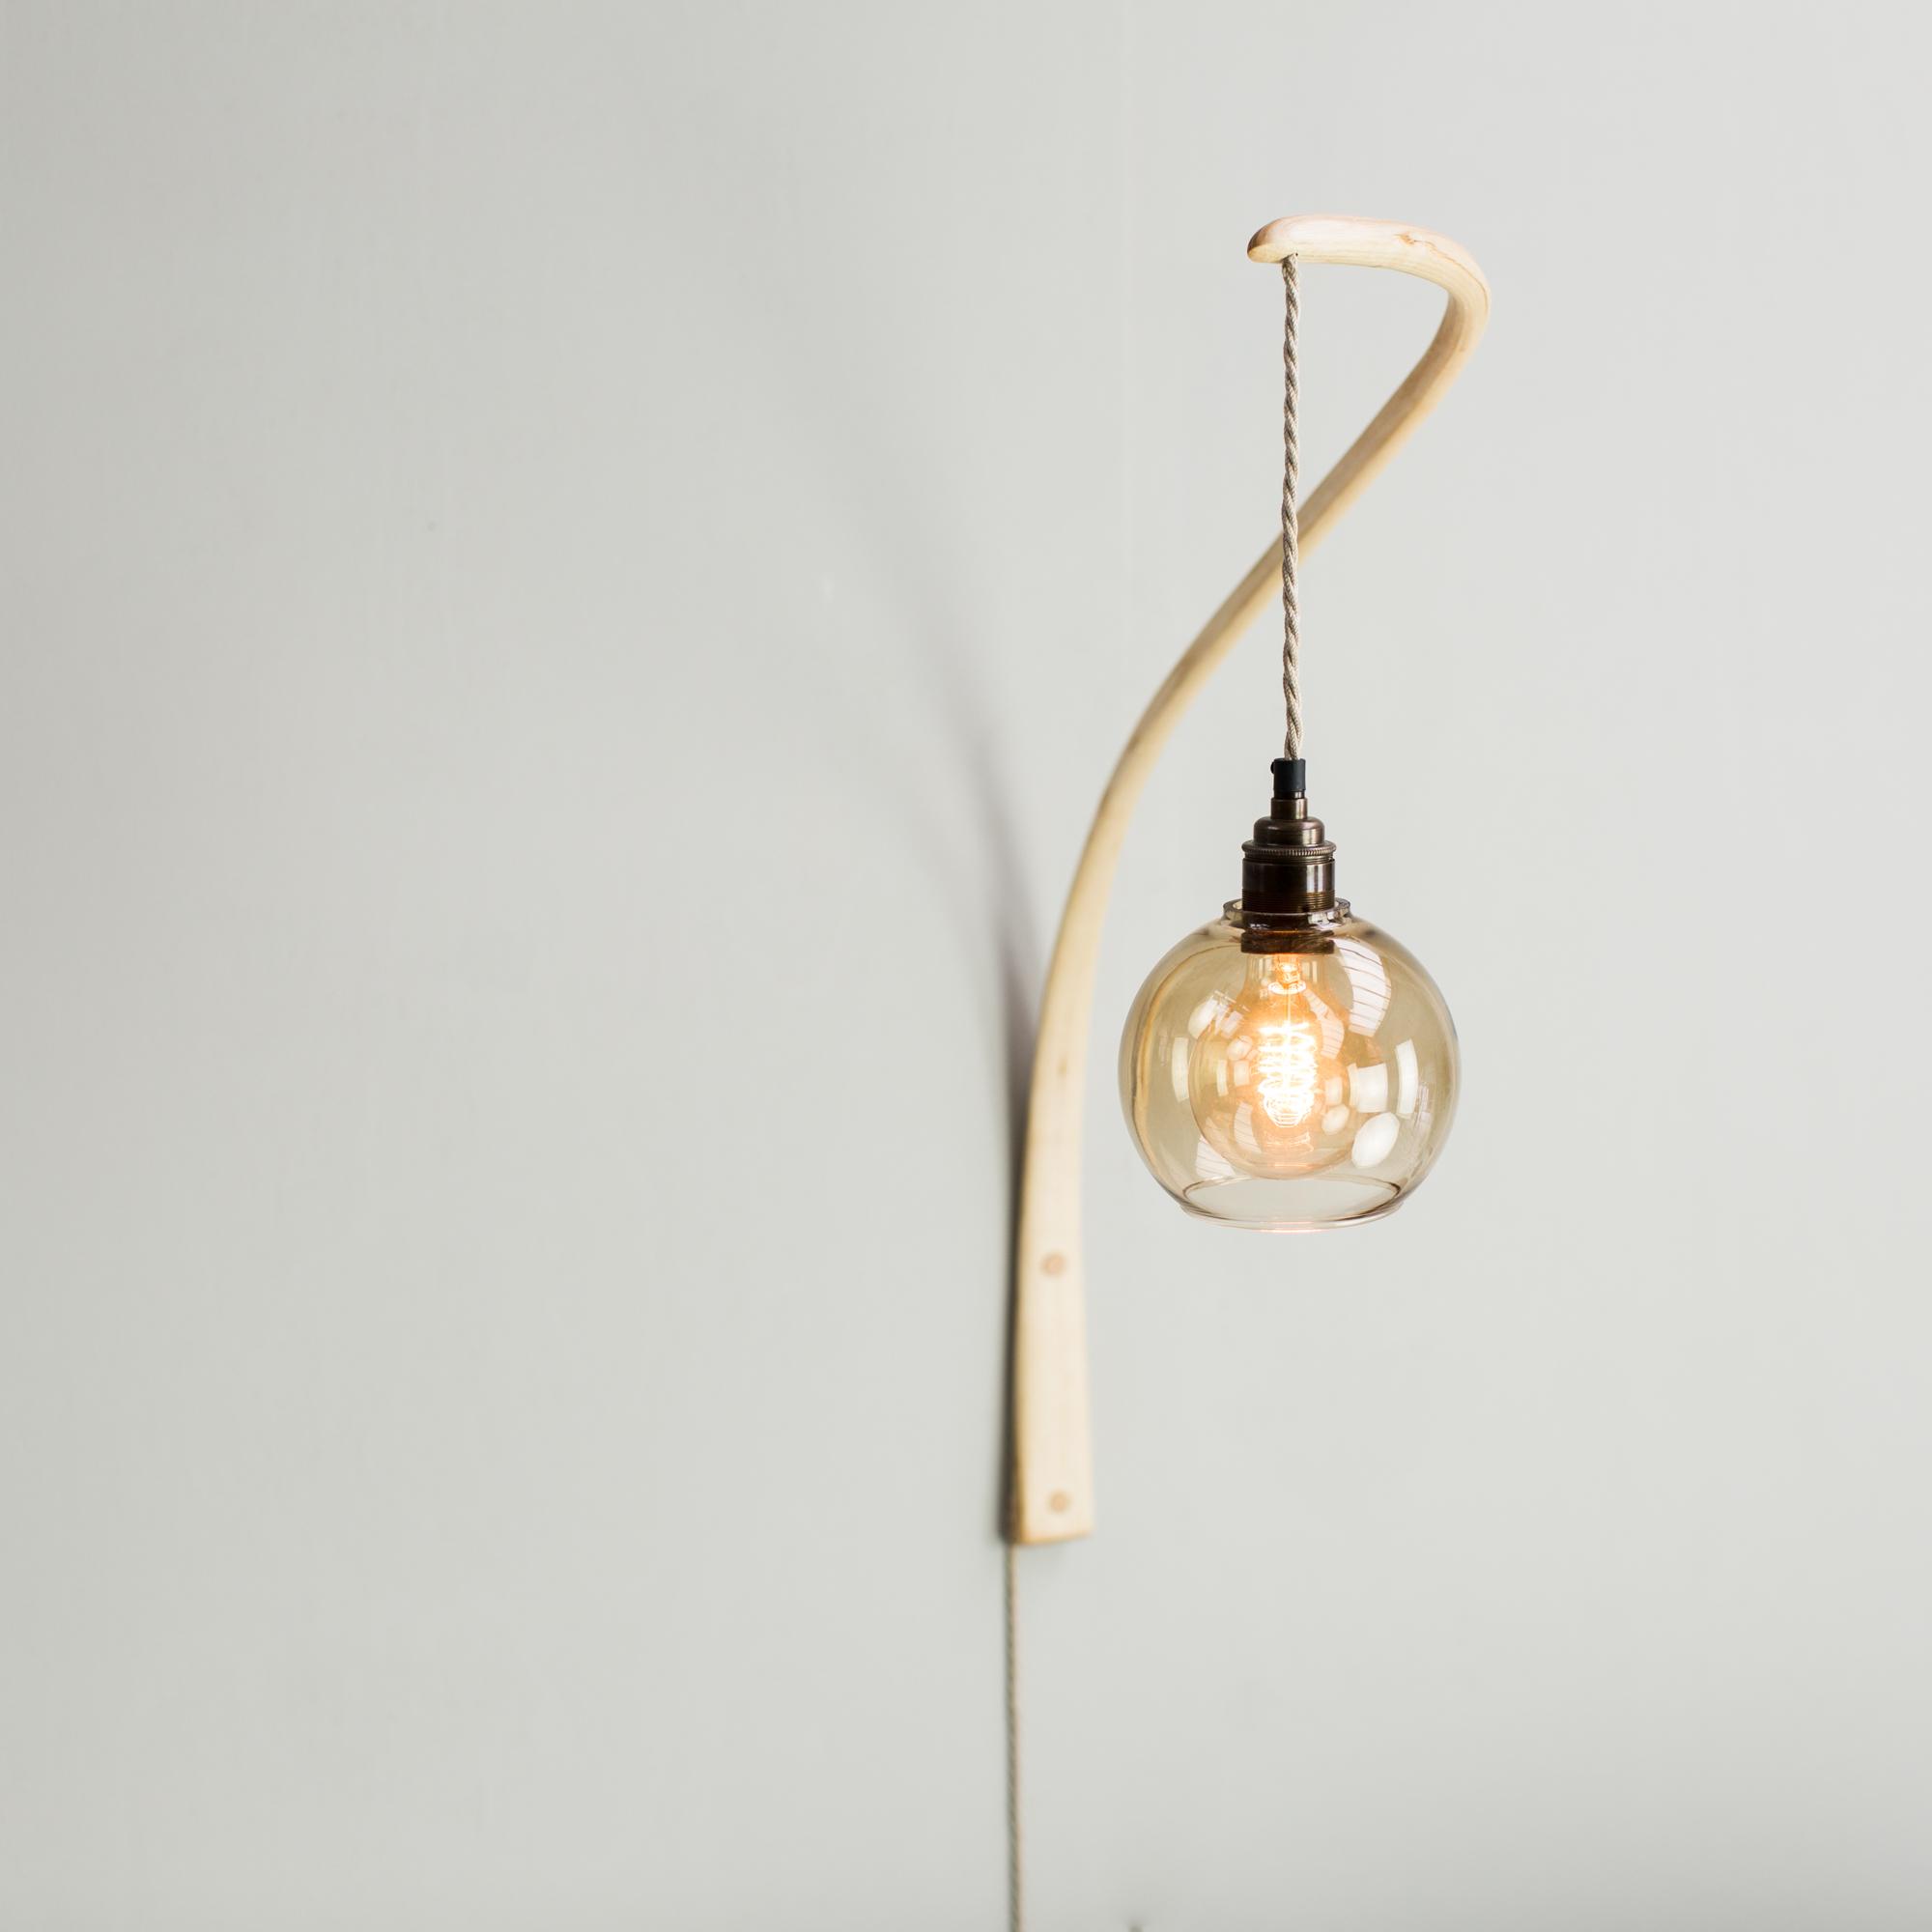 wall lamp-6.jpg